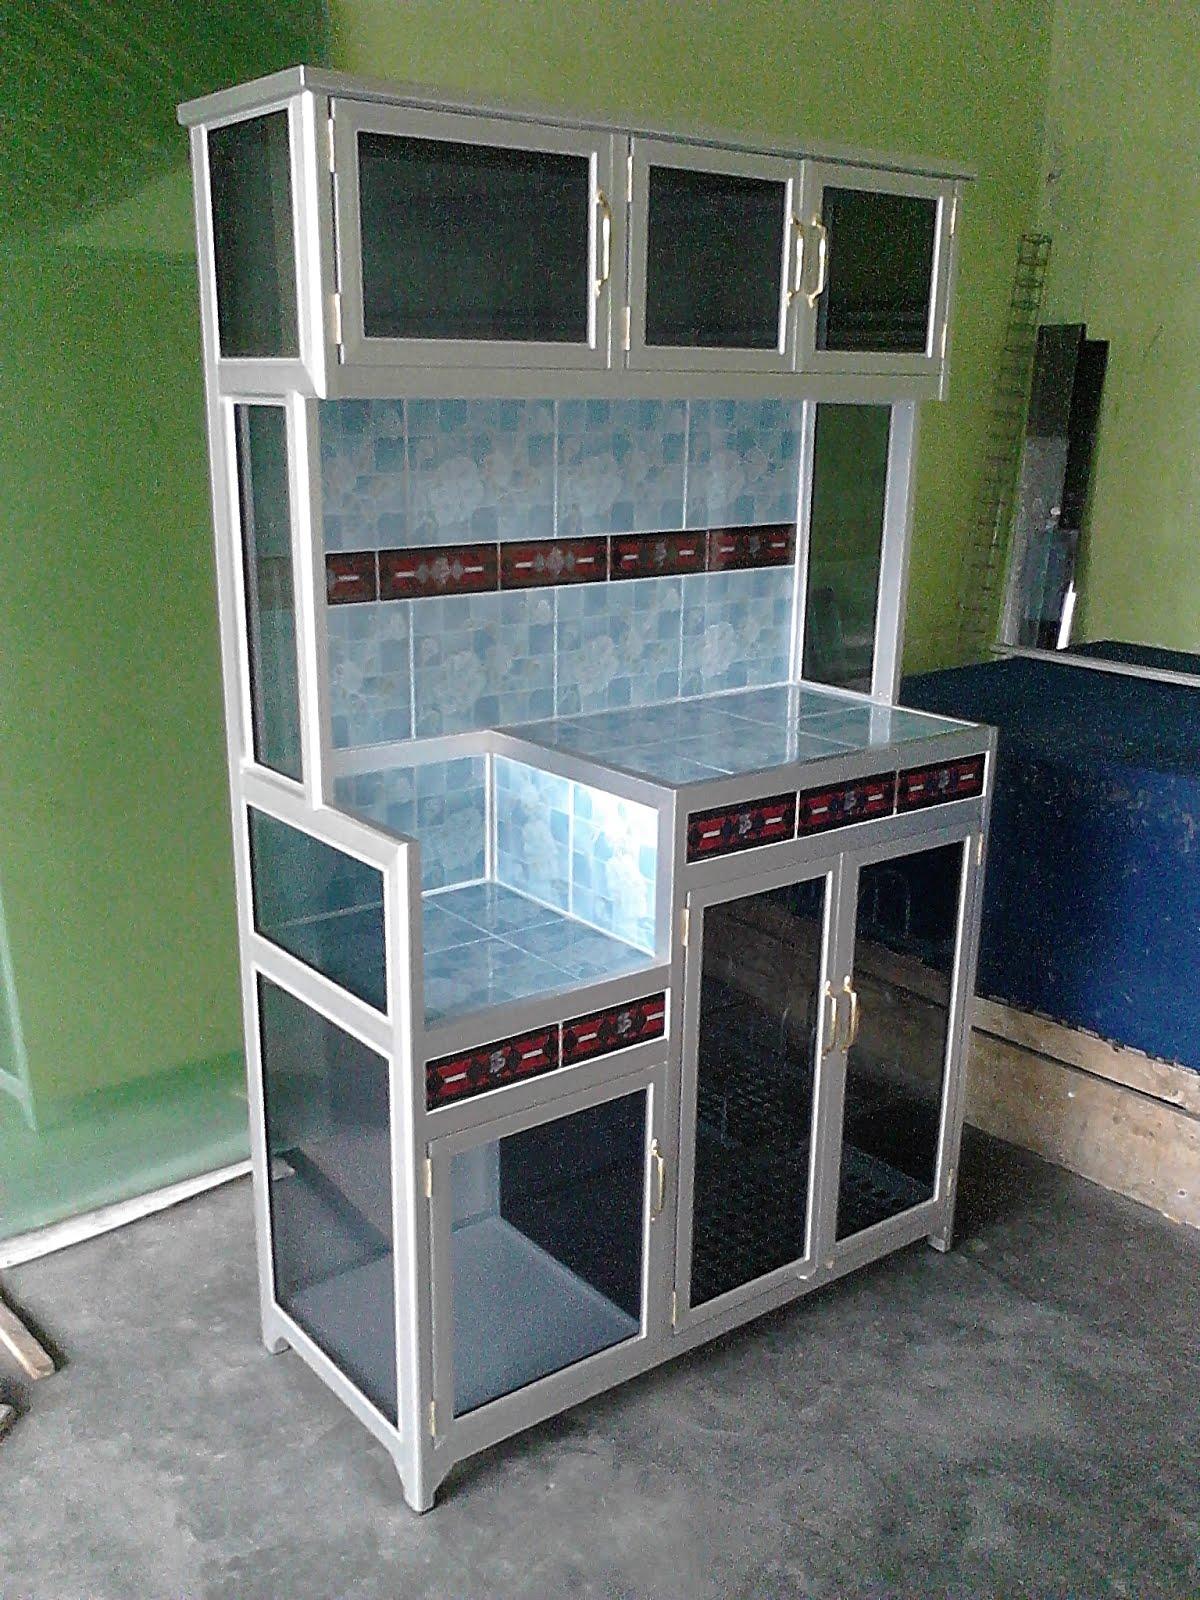 Jual rak piring aluminium 085695759401 area kediri jual for Lemari kitchen set aluminium